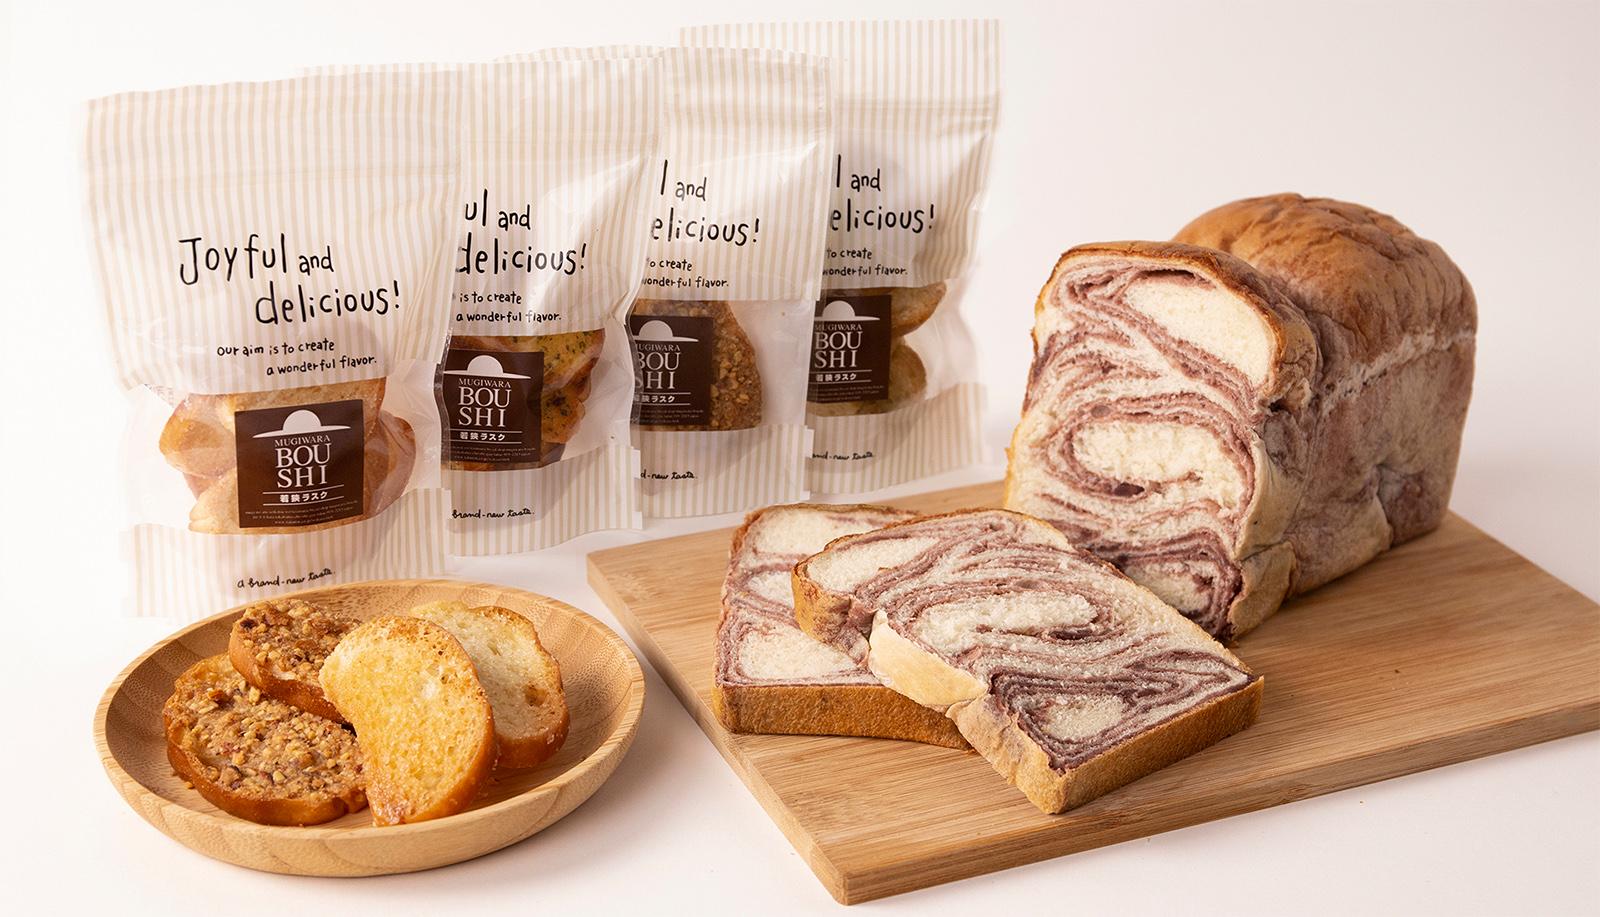 地元でも即完売!のあん食パン&有名通販サイト で1位をとった若狭ラスクのセット